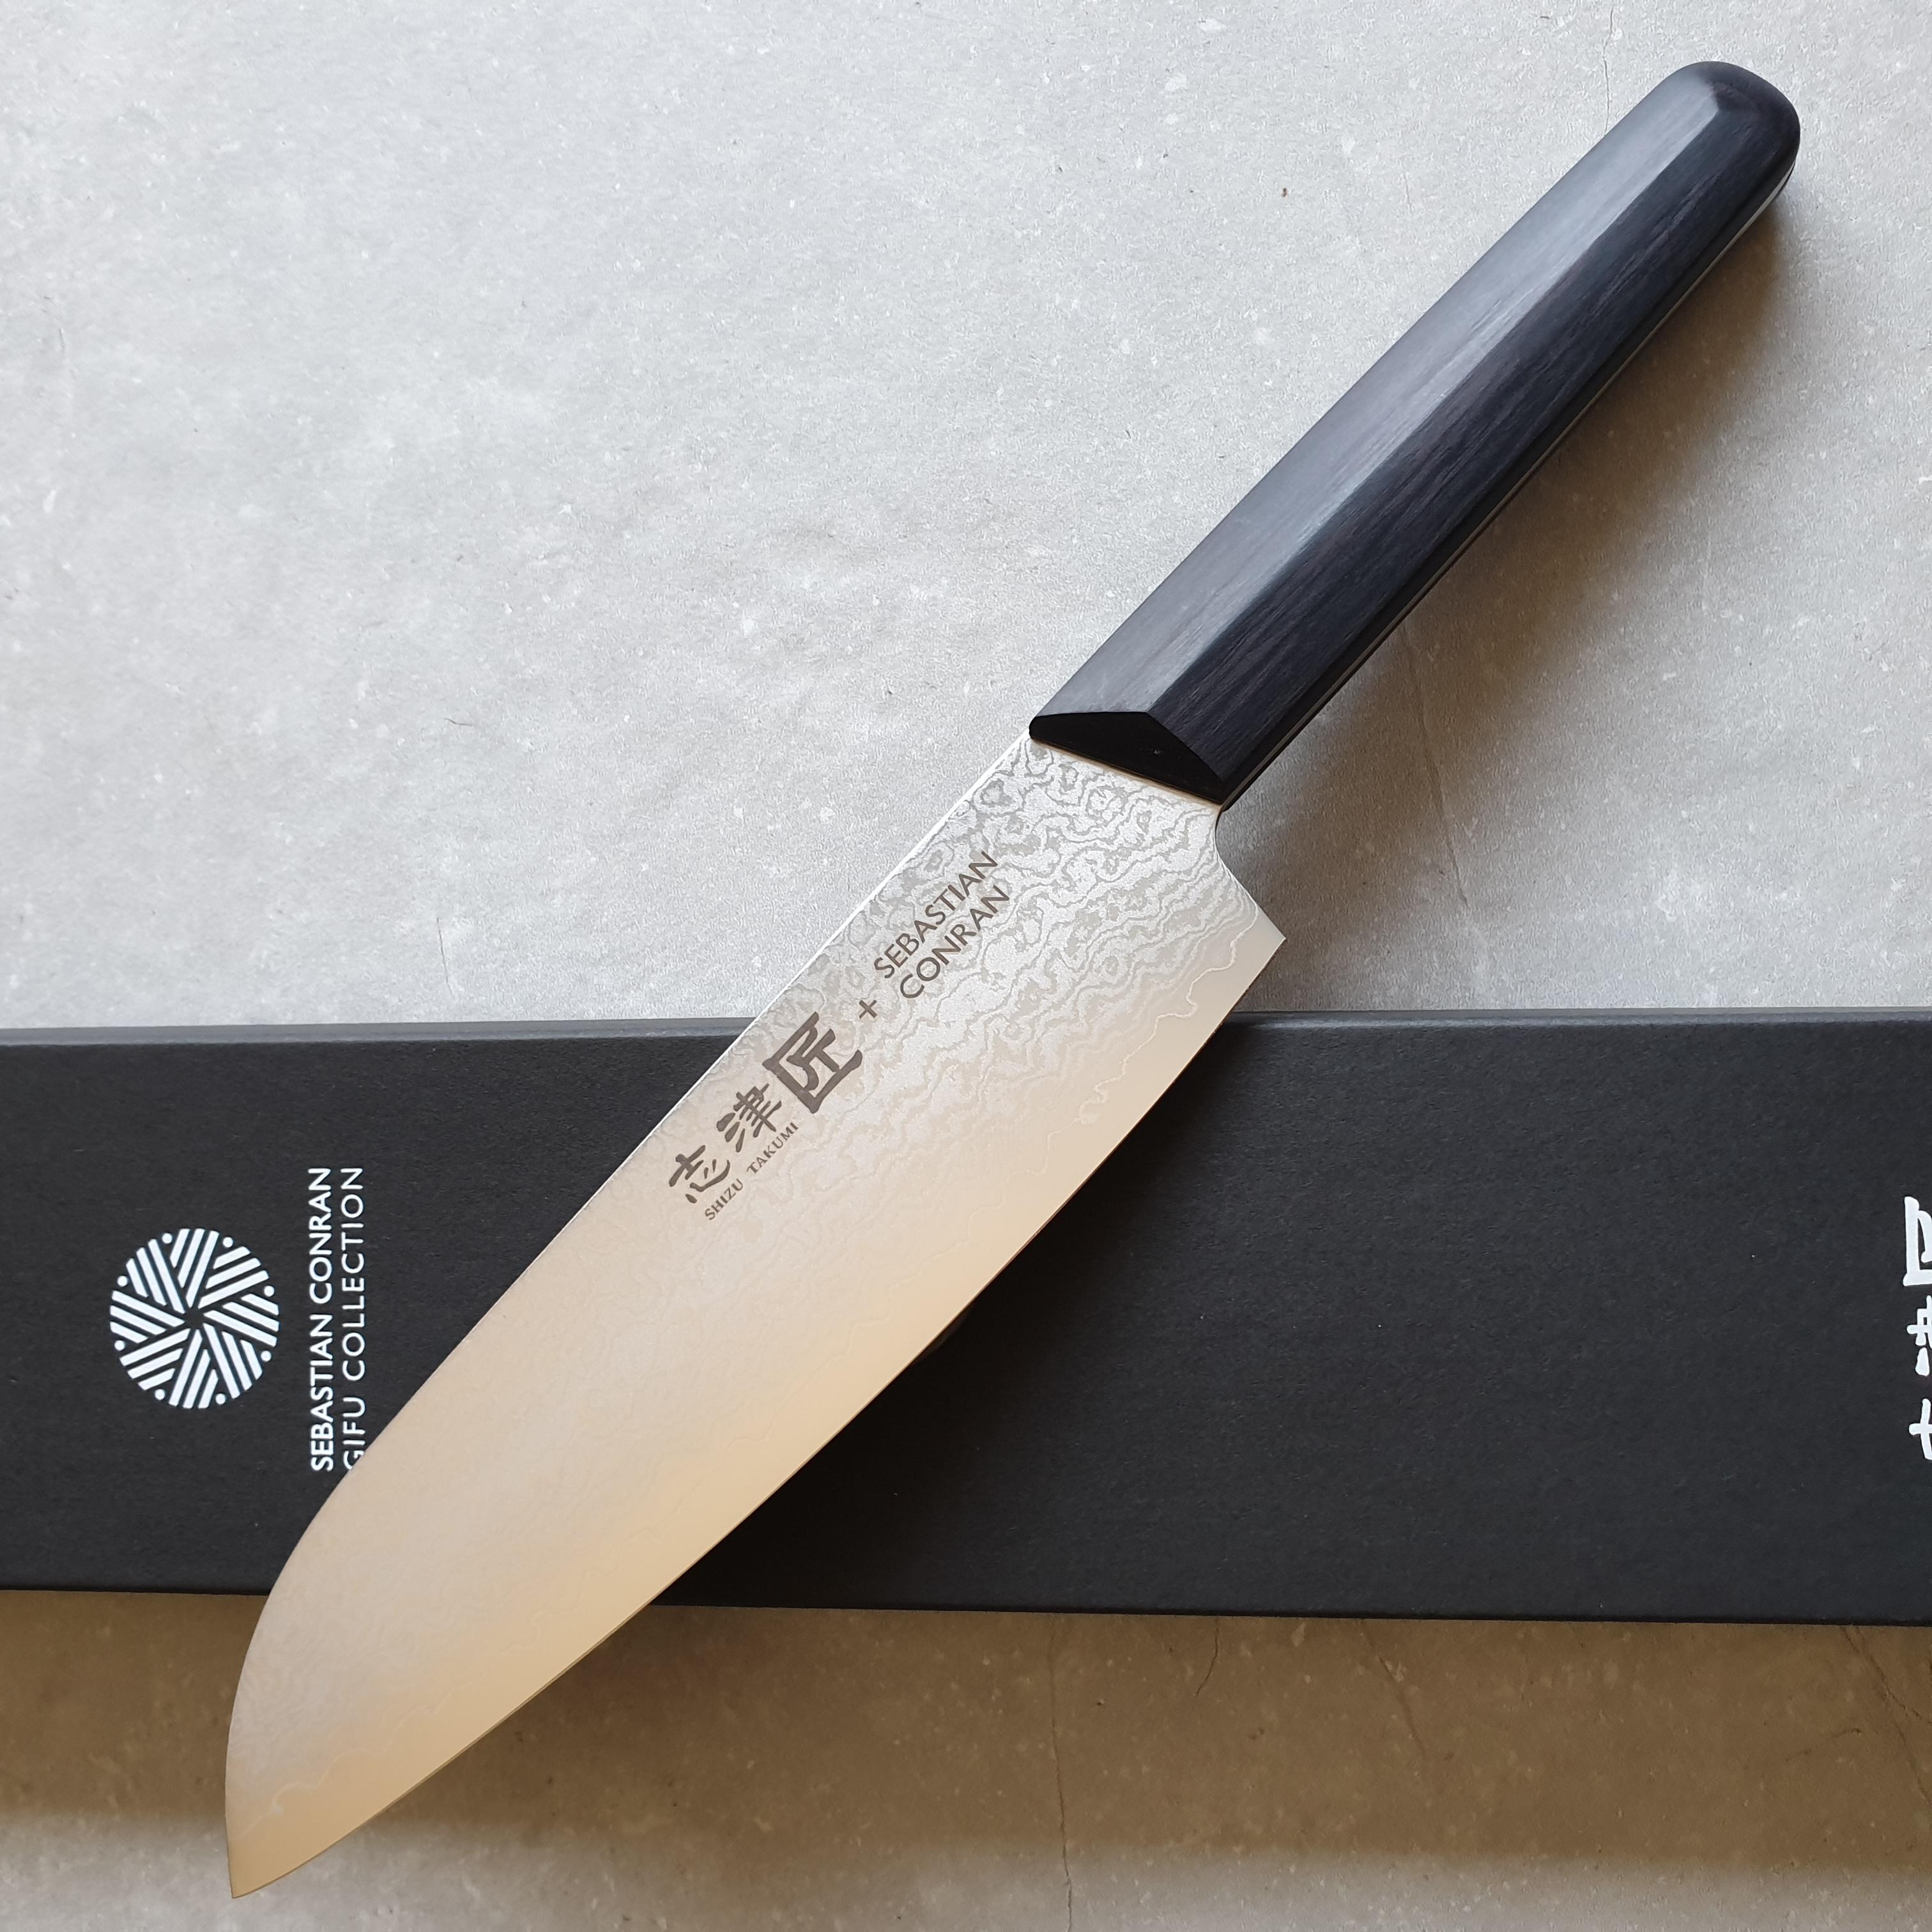 Shizu Hamono Sebastian Conran Gifu SC-1101 Santoku 19cm